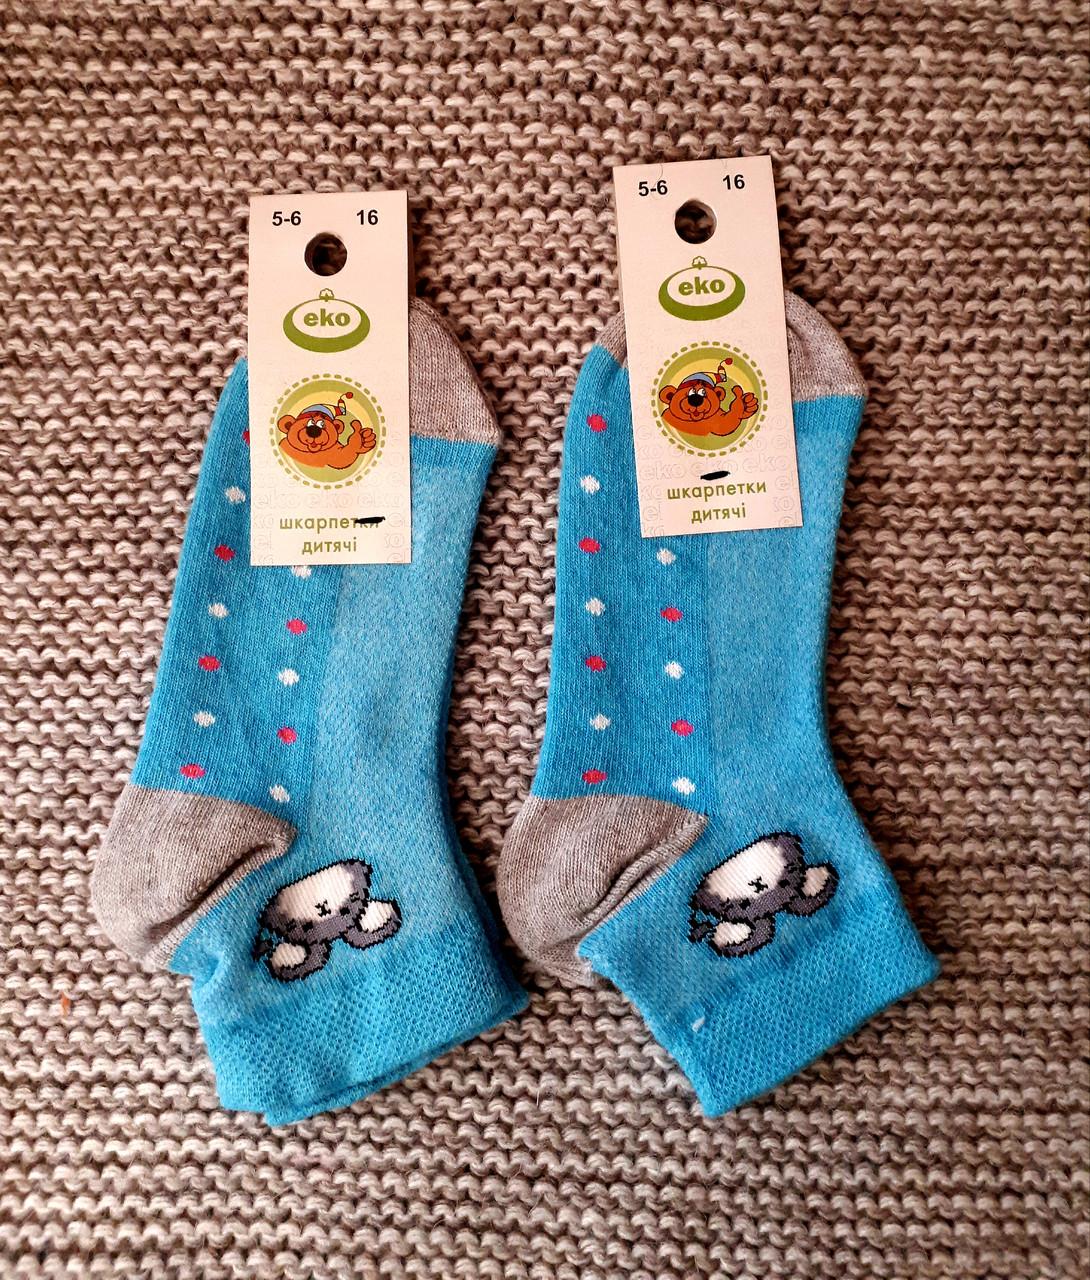 Носочки детские голубого цвета Мышки (Украина)  размер 16 (3-4 года)